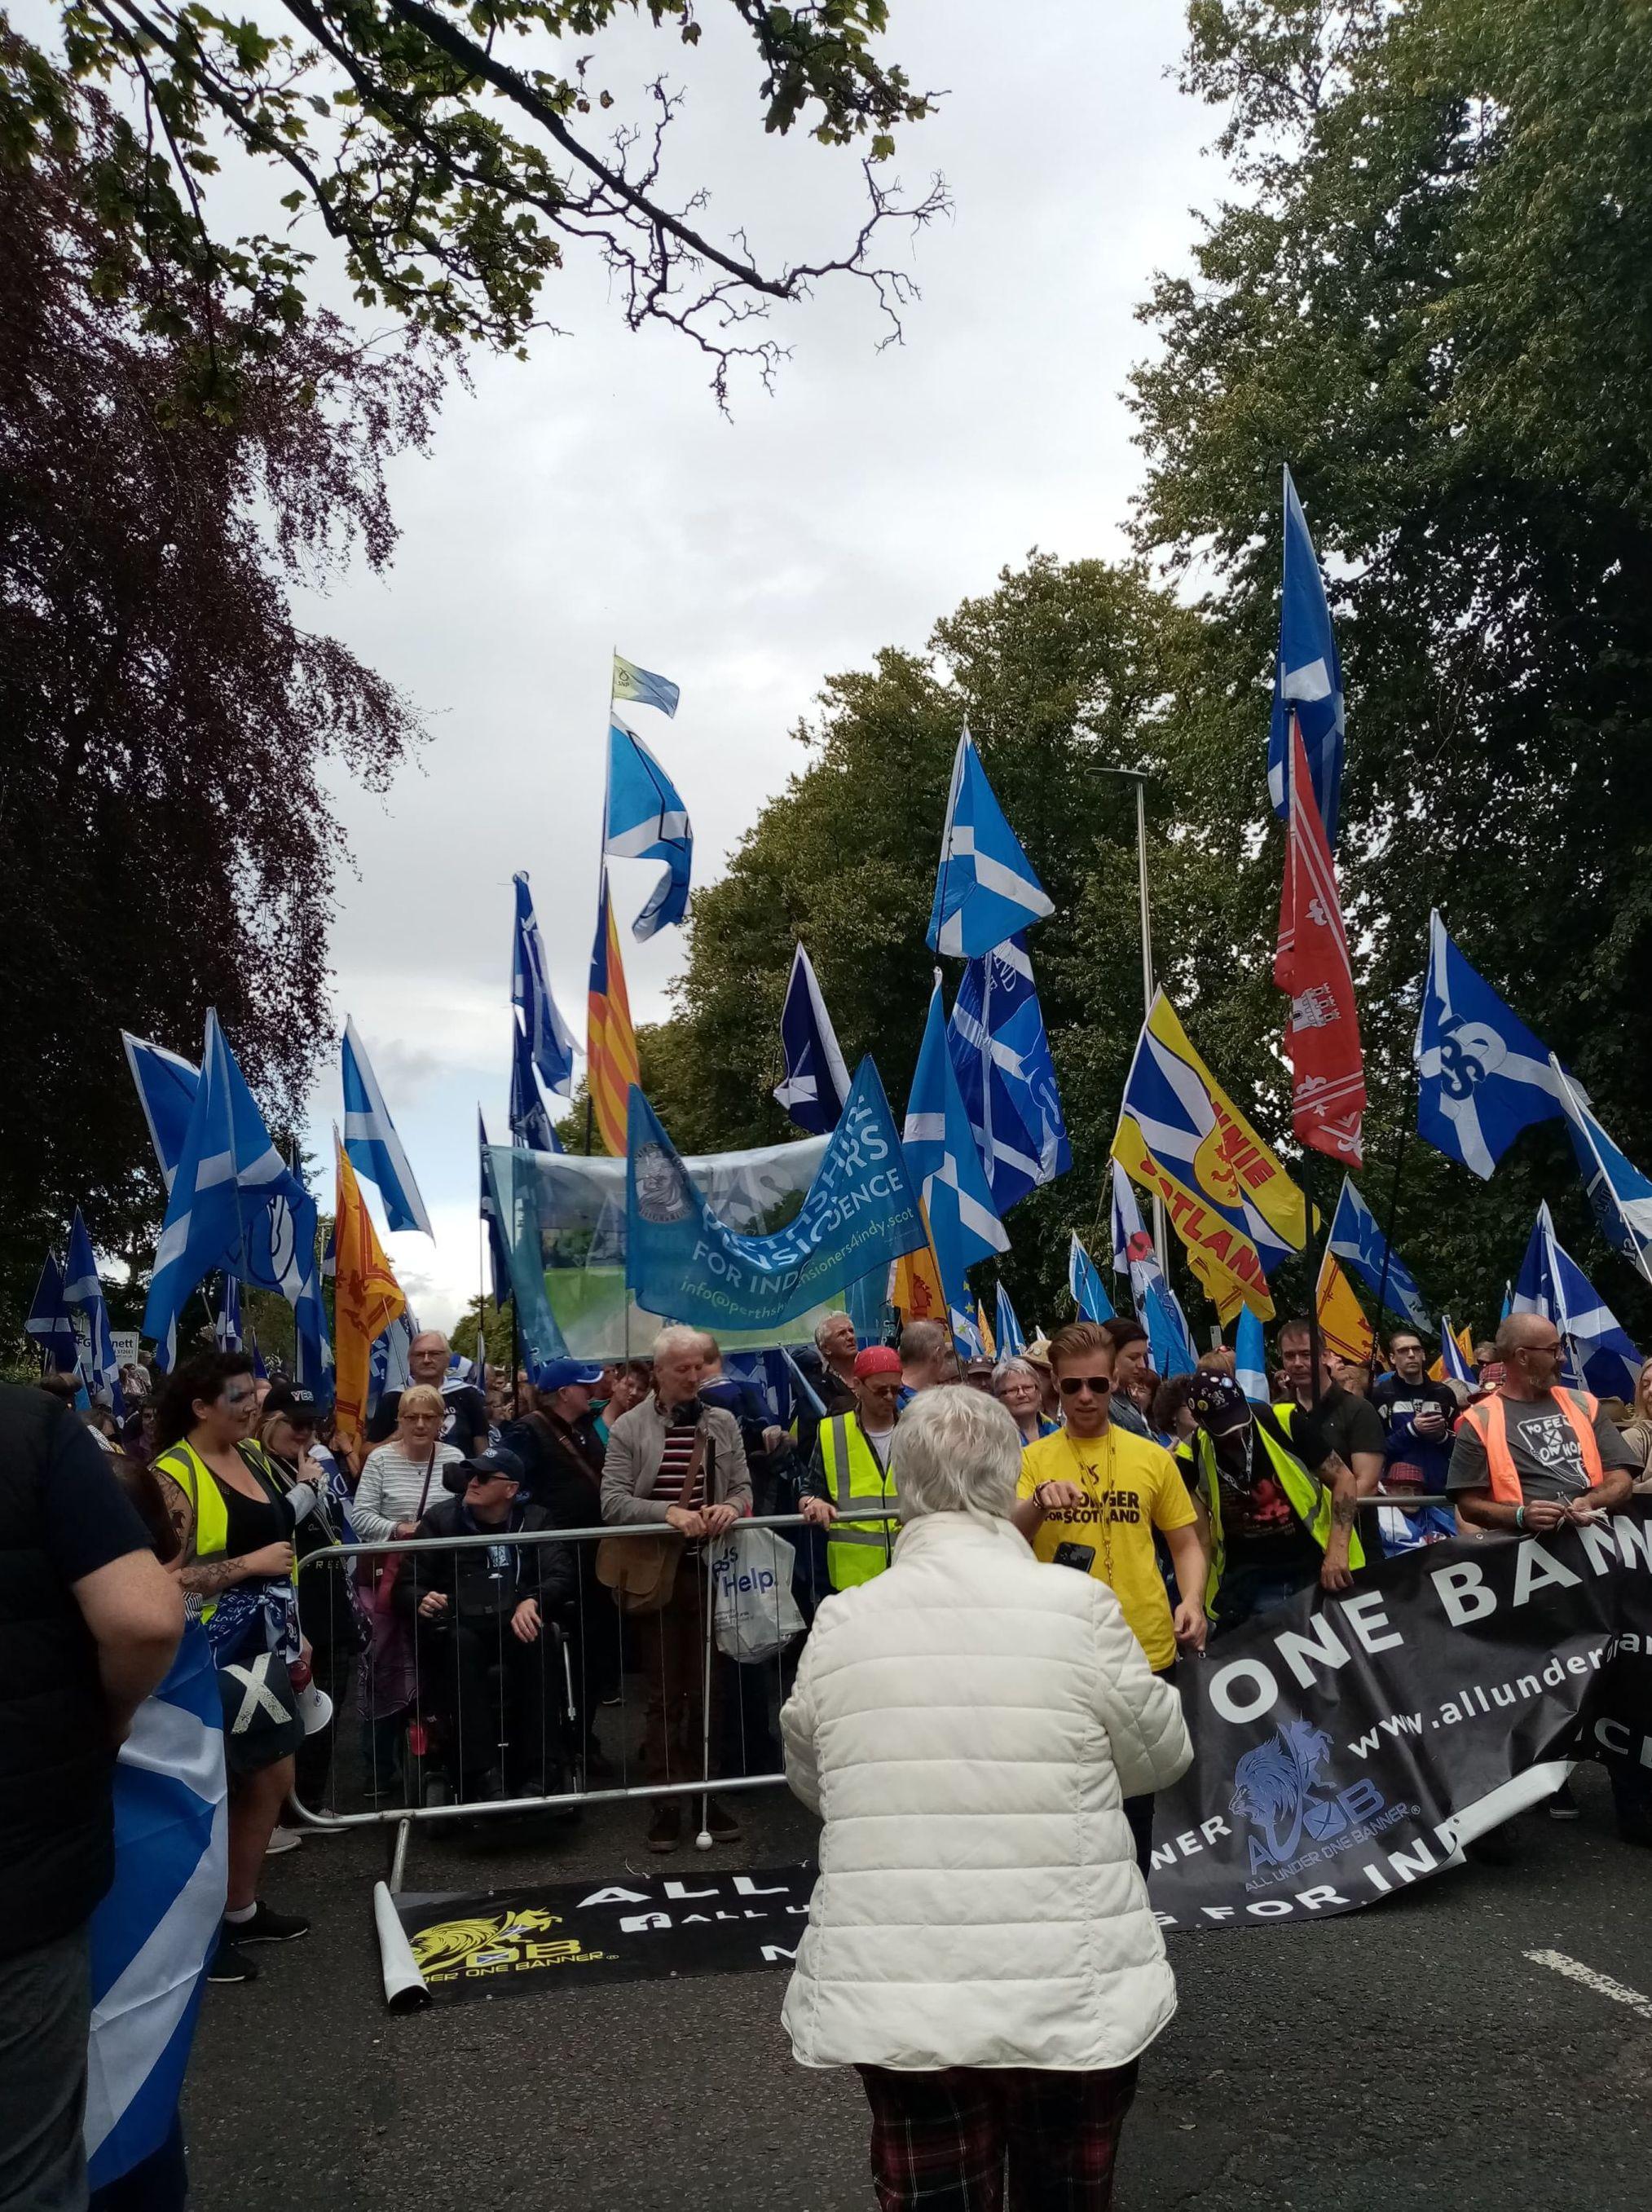 Protest in Aberdeen demanding 2nd Scottish Independence Referendum